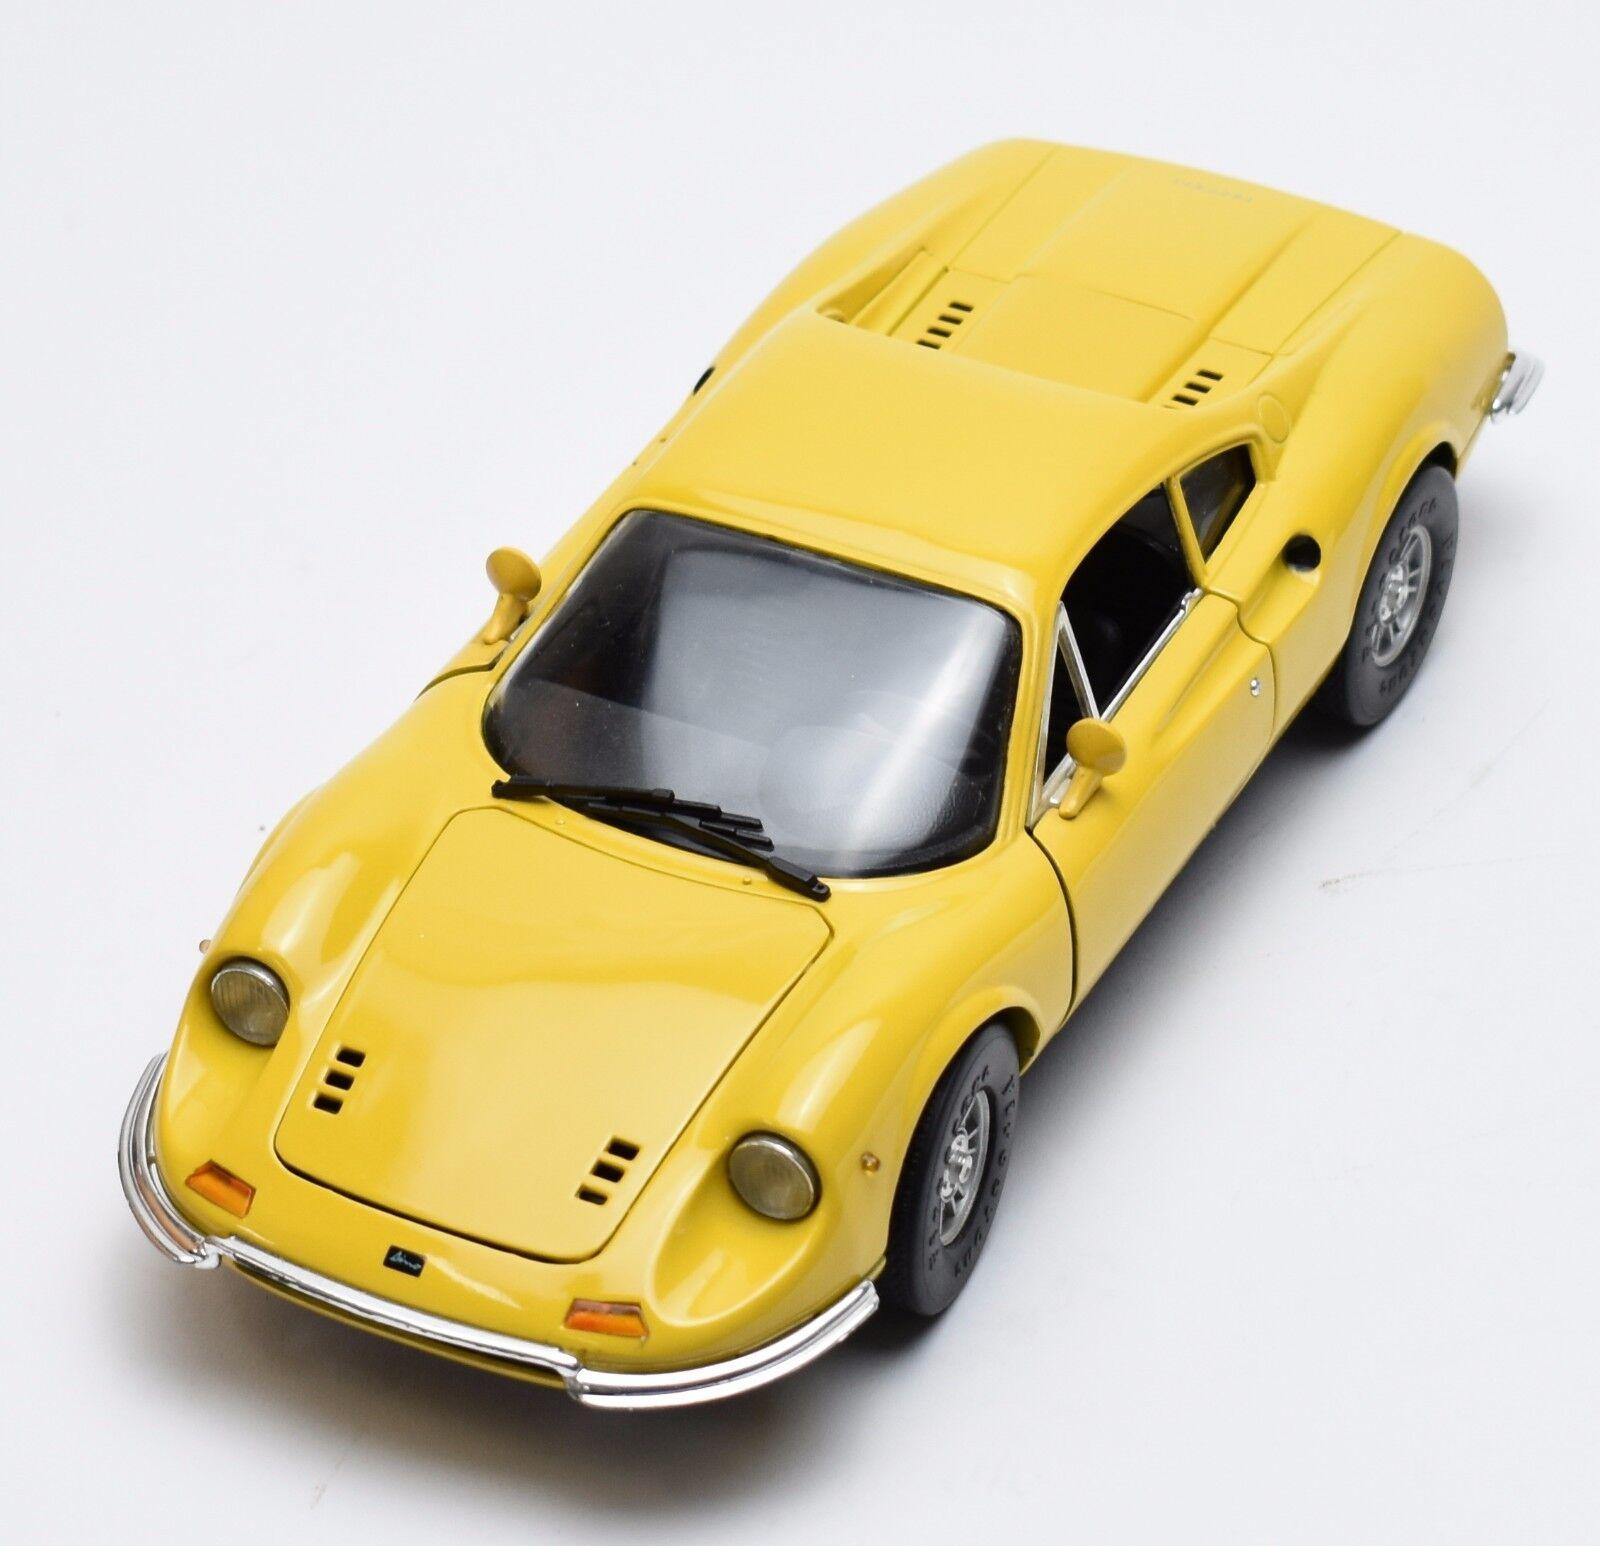 Anson rareza Ferrari Dino 246 GT auto deportivo en amarillo lacados, OVP, 1 18, k037